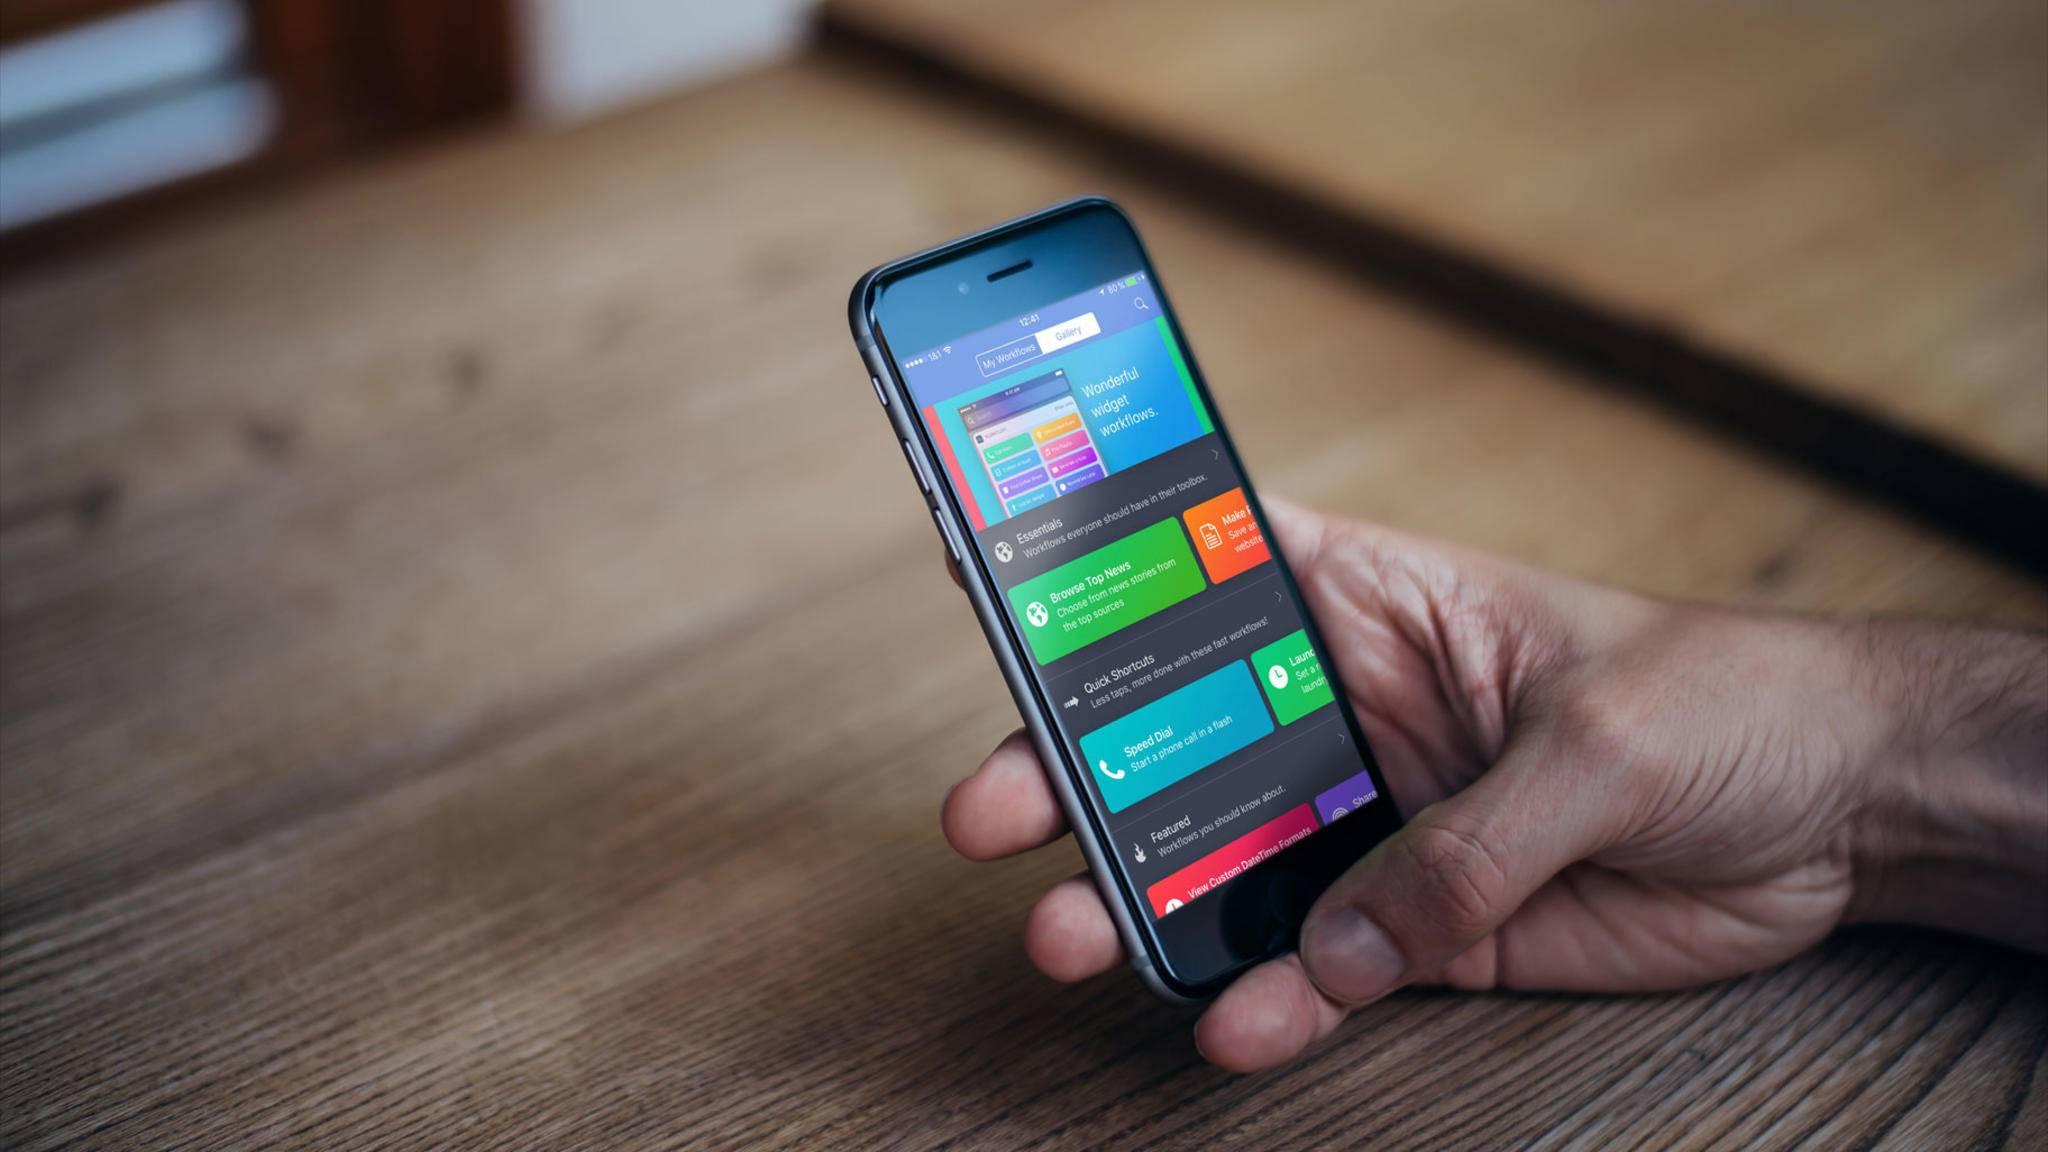 Mithilfe der Workflow-App kannst Du zahlreiche Aufgaben auf dem iPhone automatisieren.